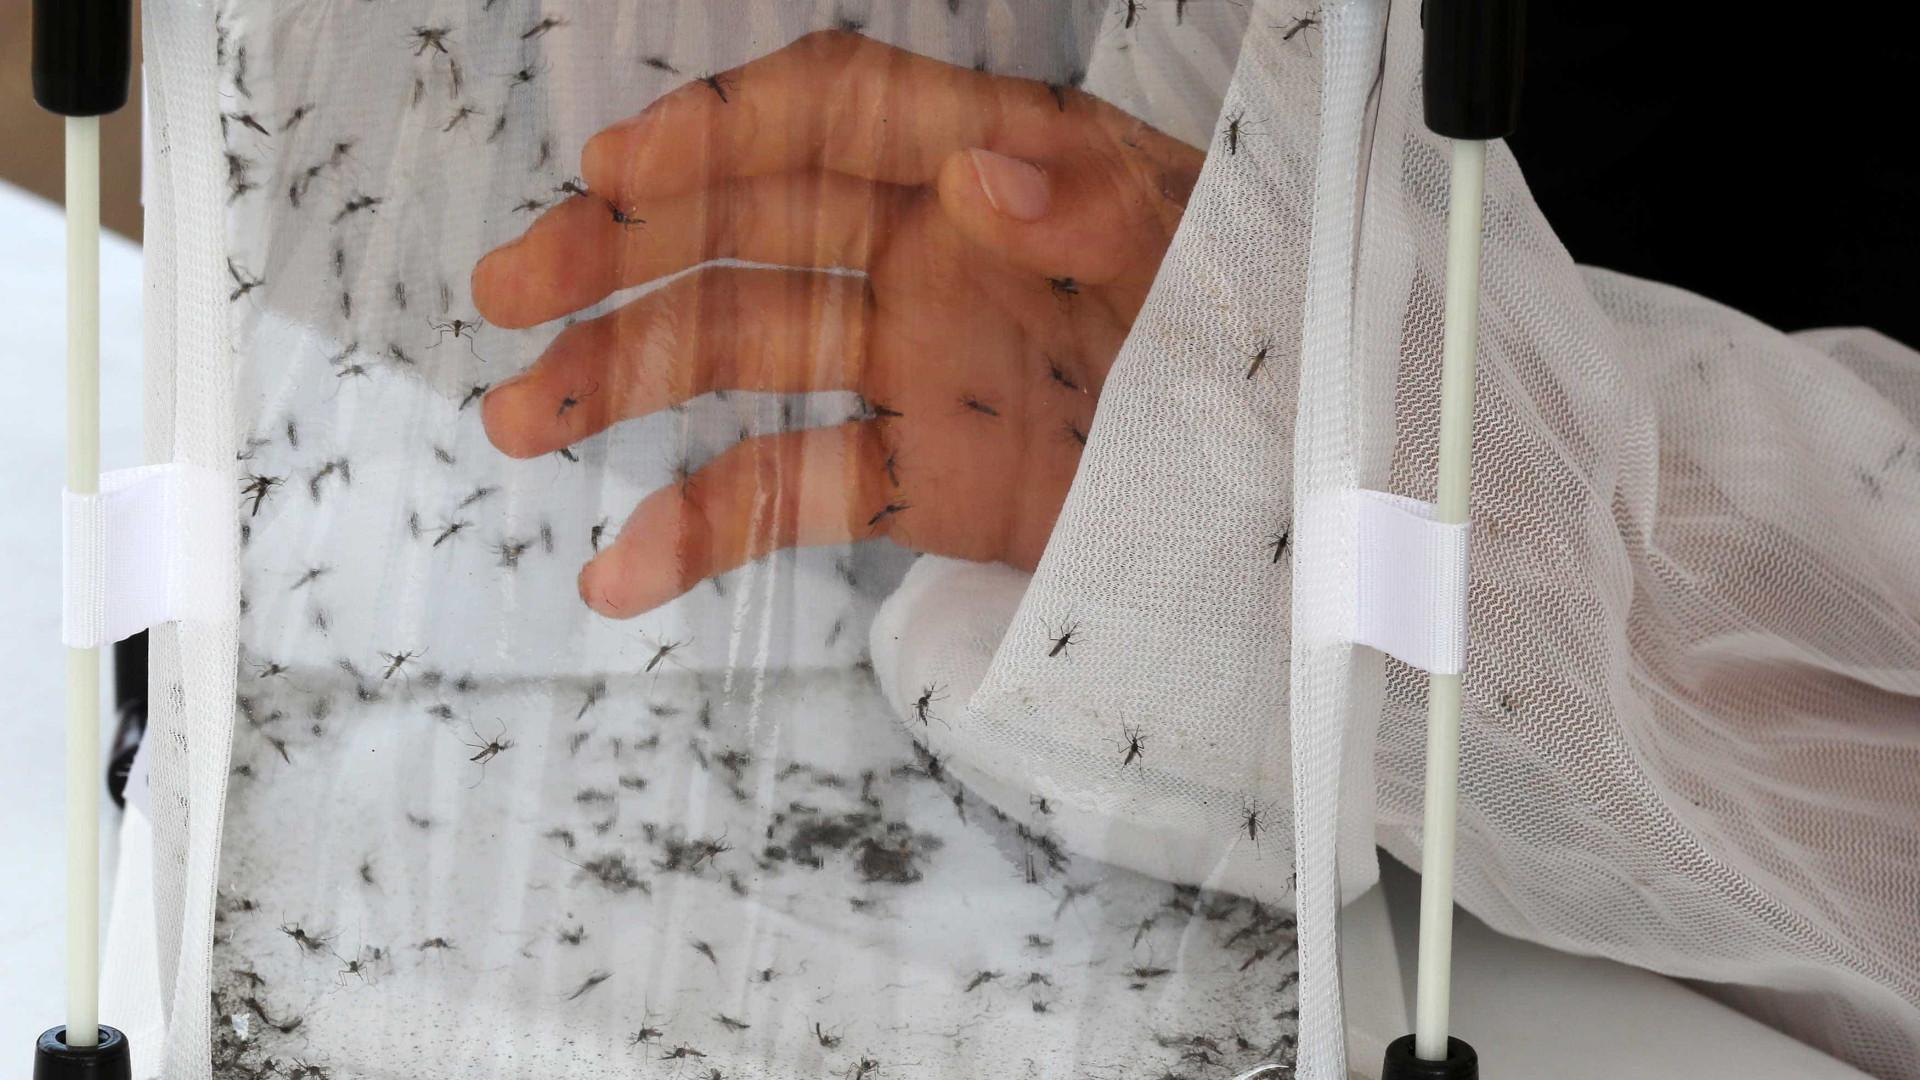 Brasil registra segundo maior número de mortes por dengue em 21 anos